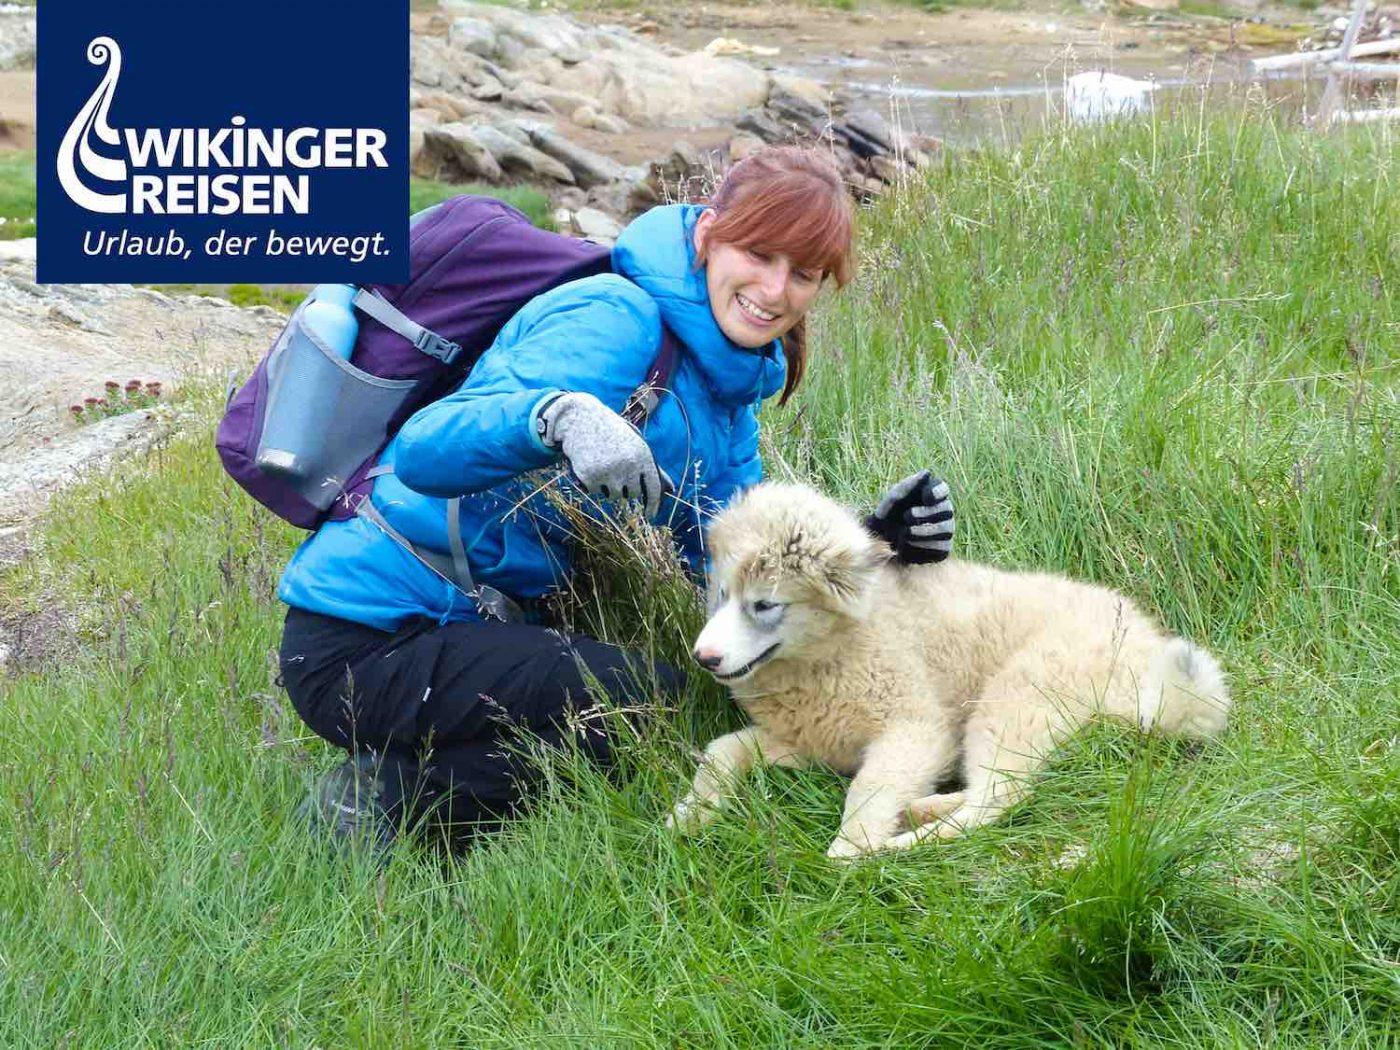 Wikinger Reisen_Wandern auf den Spuren der Inuit